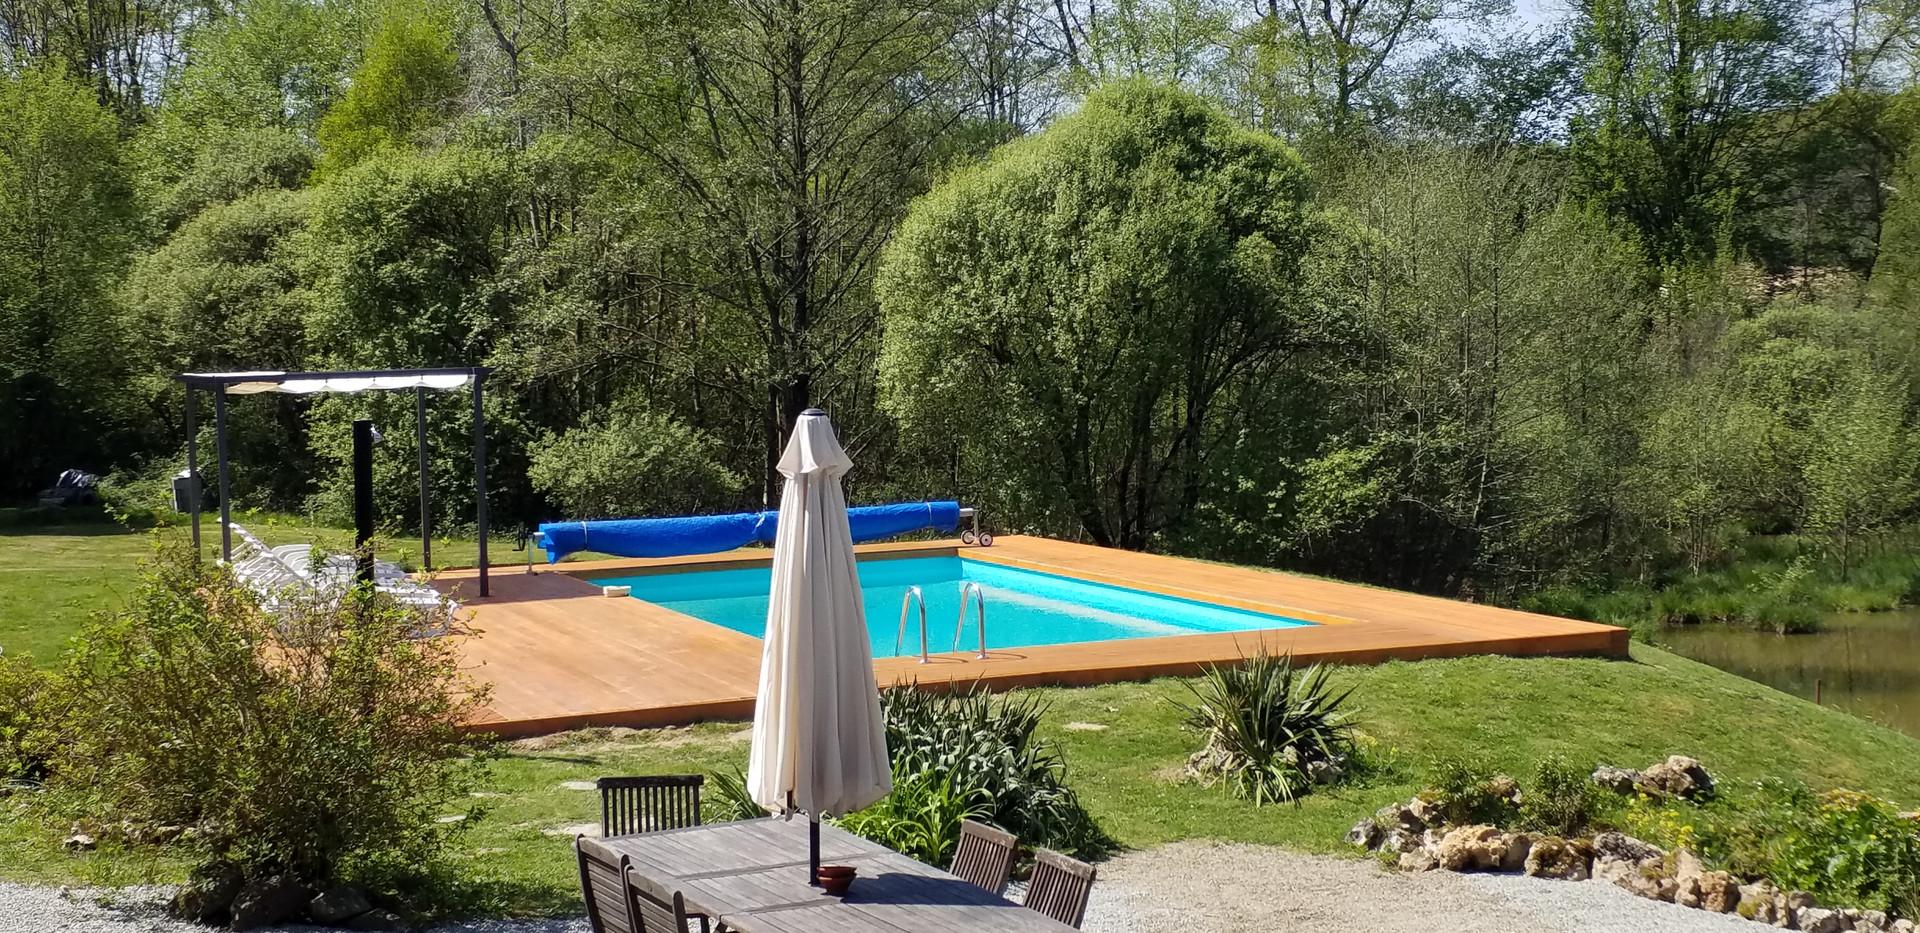 Lakeside swimming pool